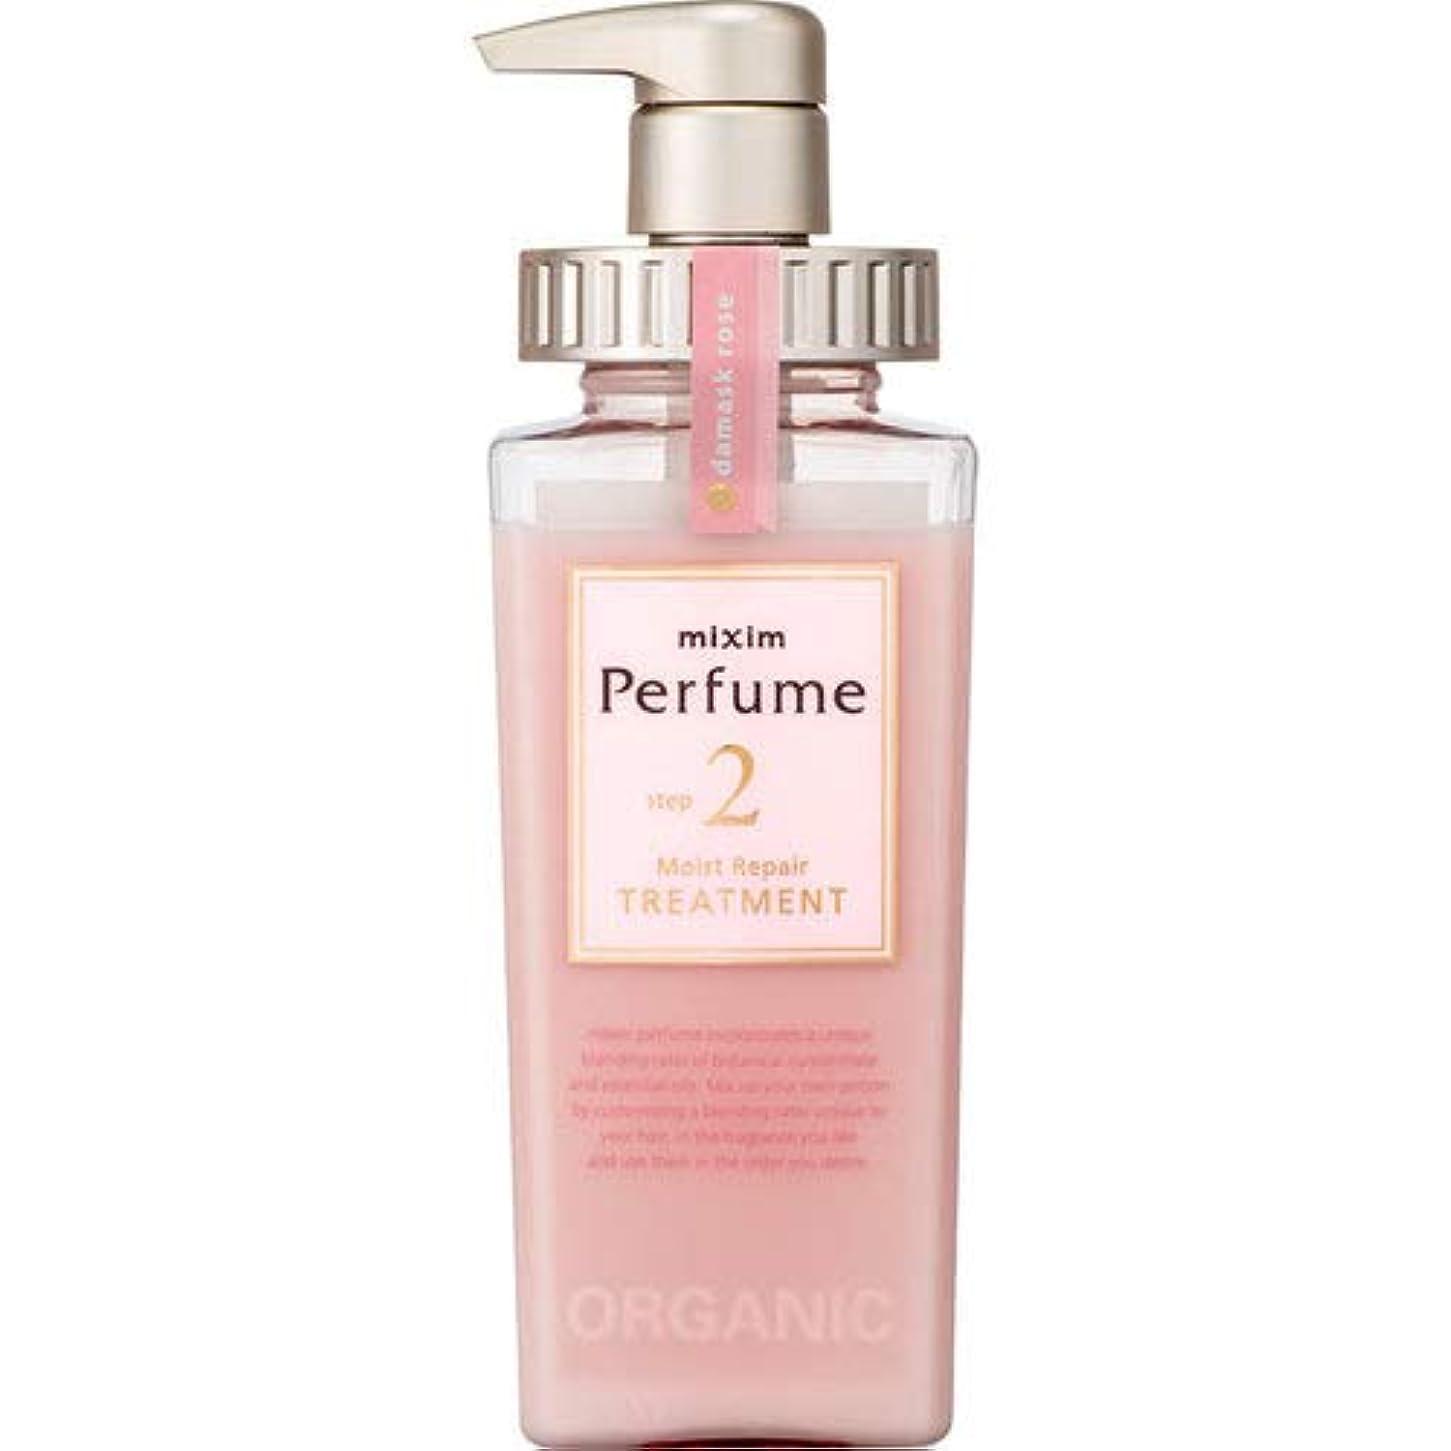 予言するコミュニケーションエネルギーmixim Perfume(ミクシムパフューム) モイストリペア ヘアトリートメント 440g